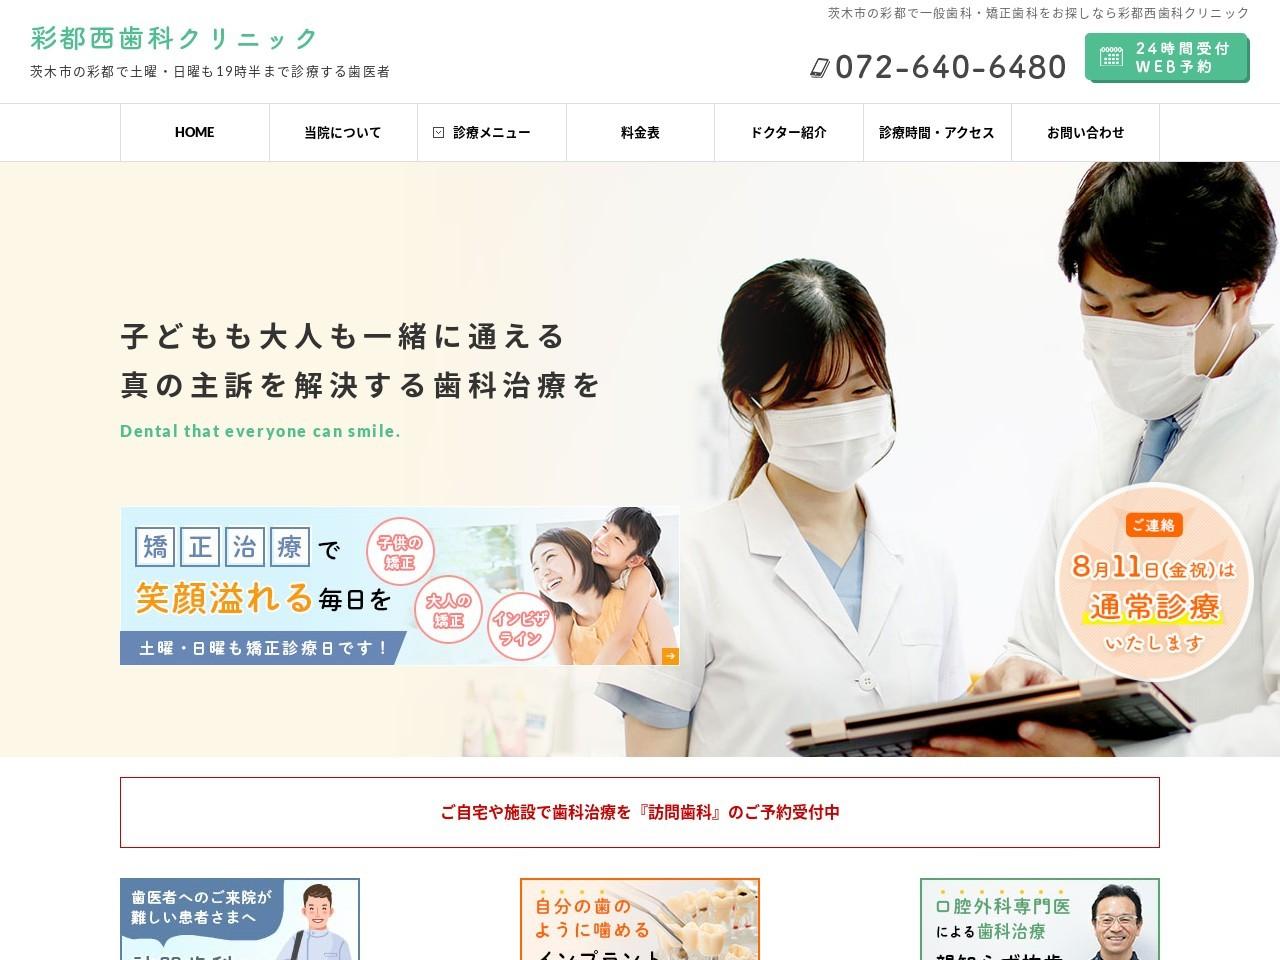 彩都ひまわり歯科クリニック (大阪府茨木市)